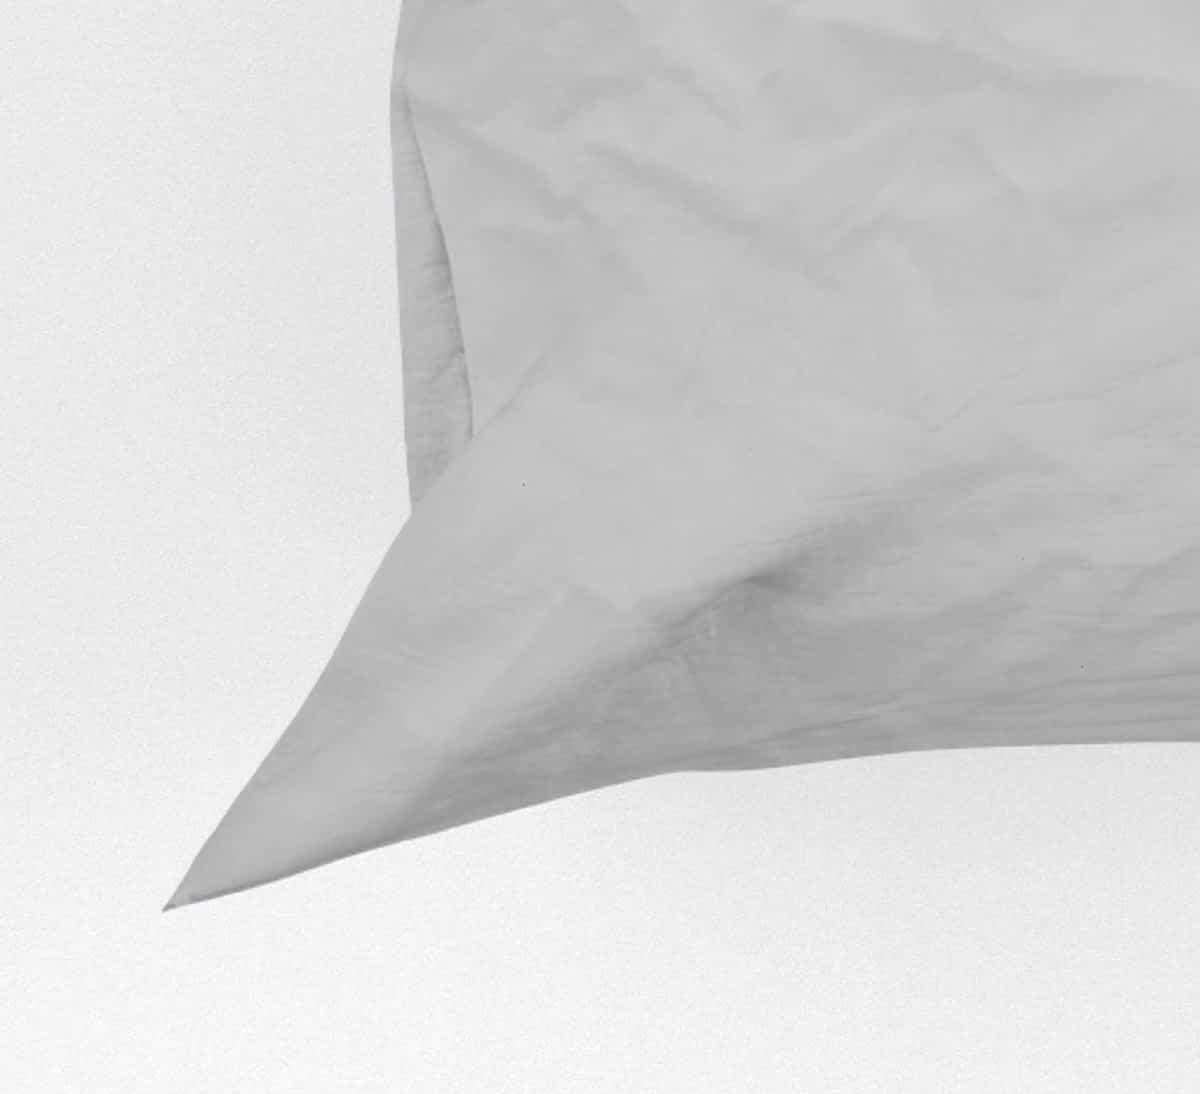 Μαξιλαροθήκη 50 Χ 70 + 0,17 βαμβακερή 100% μονόχρωμη Χ16